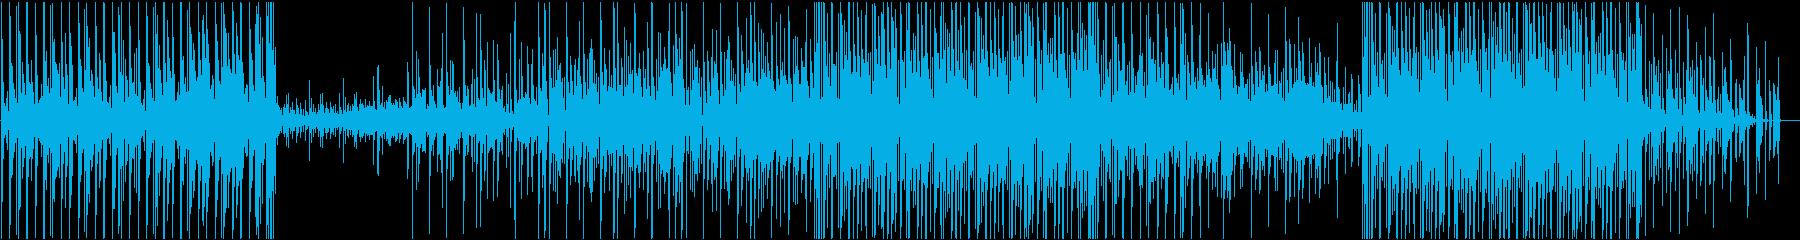 のんびりテンポの癒し系楽曲の再生済みの波形